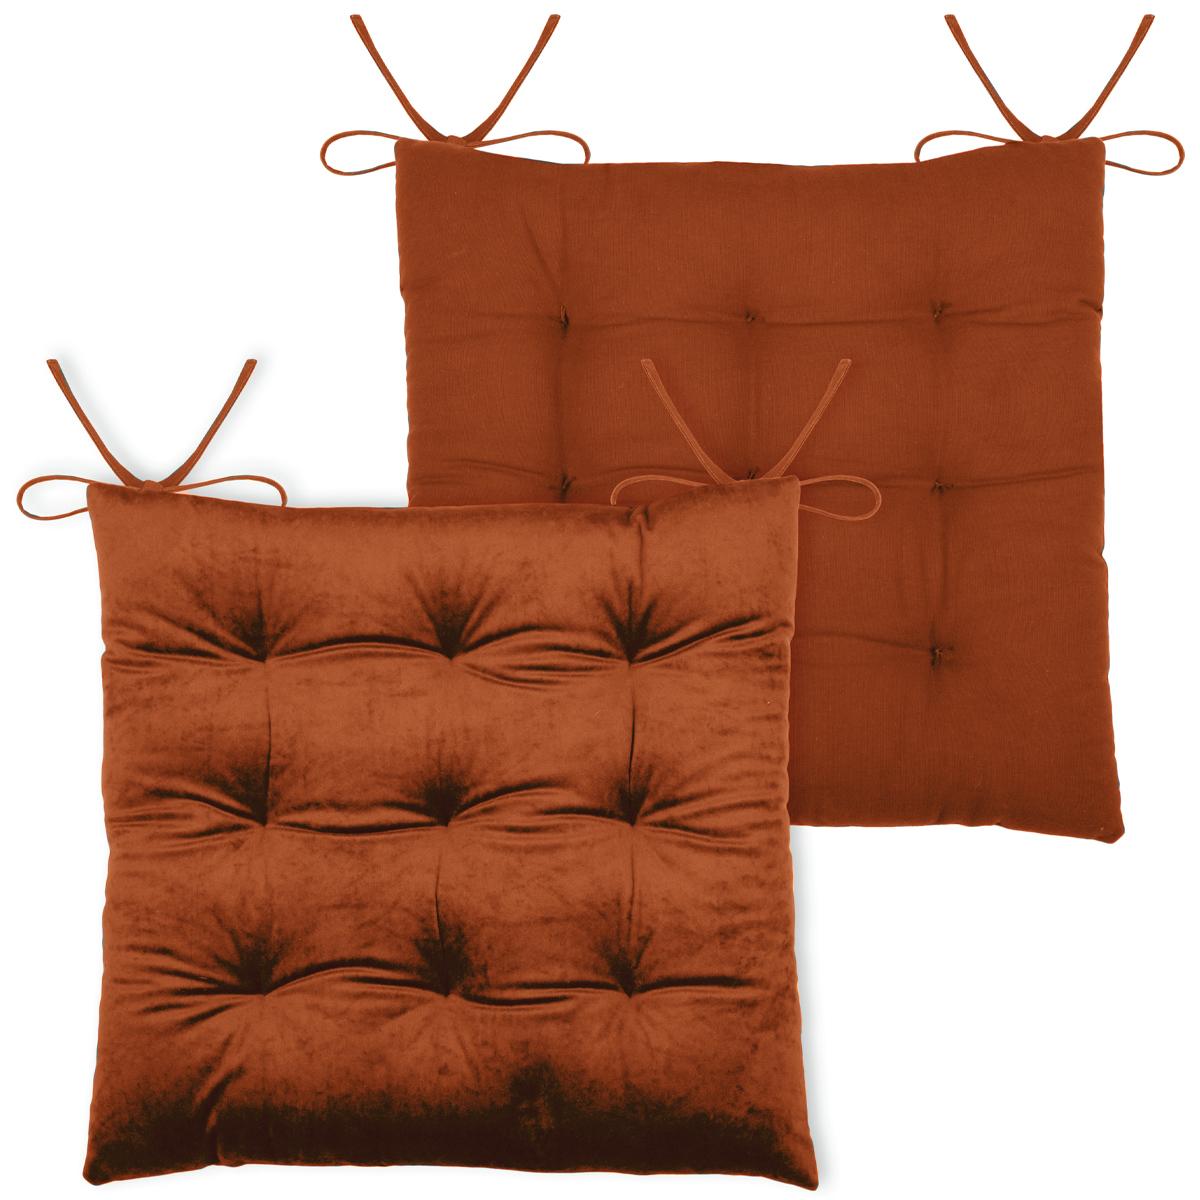 Galette de chaise unie en velours polyester brique 38x38